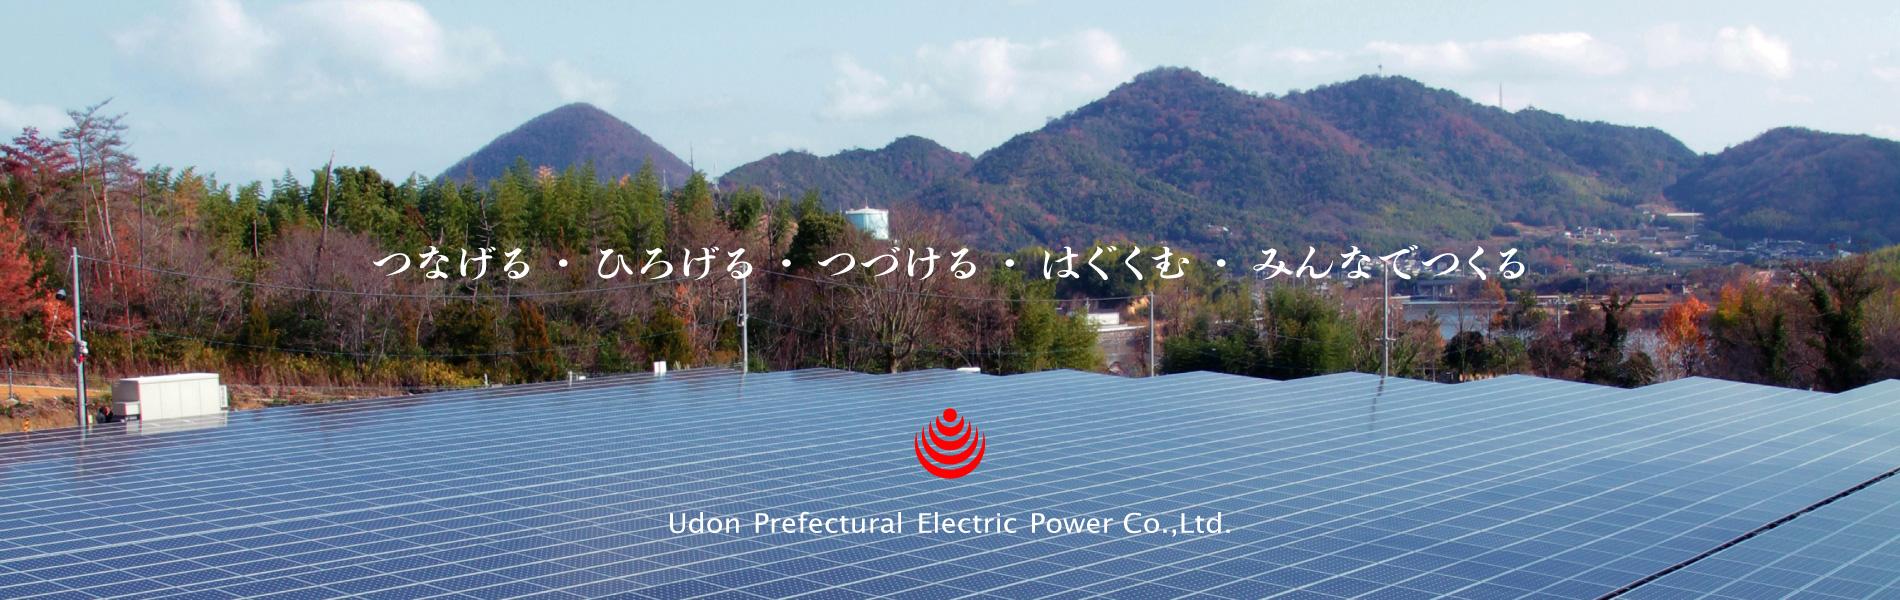 うどん県電力株式会社